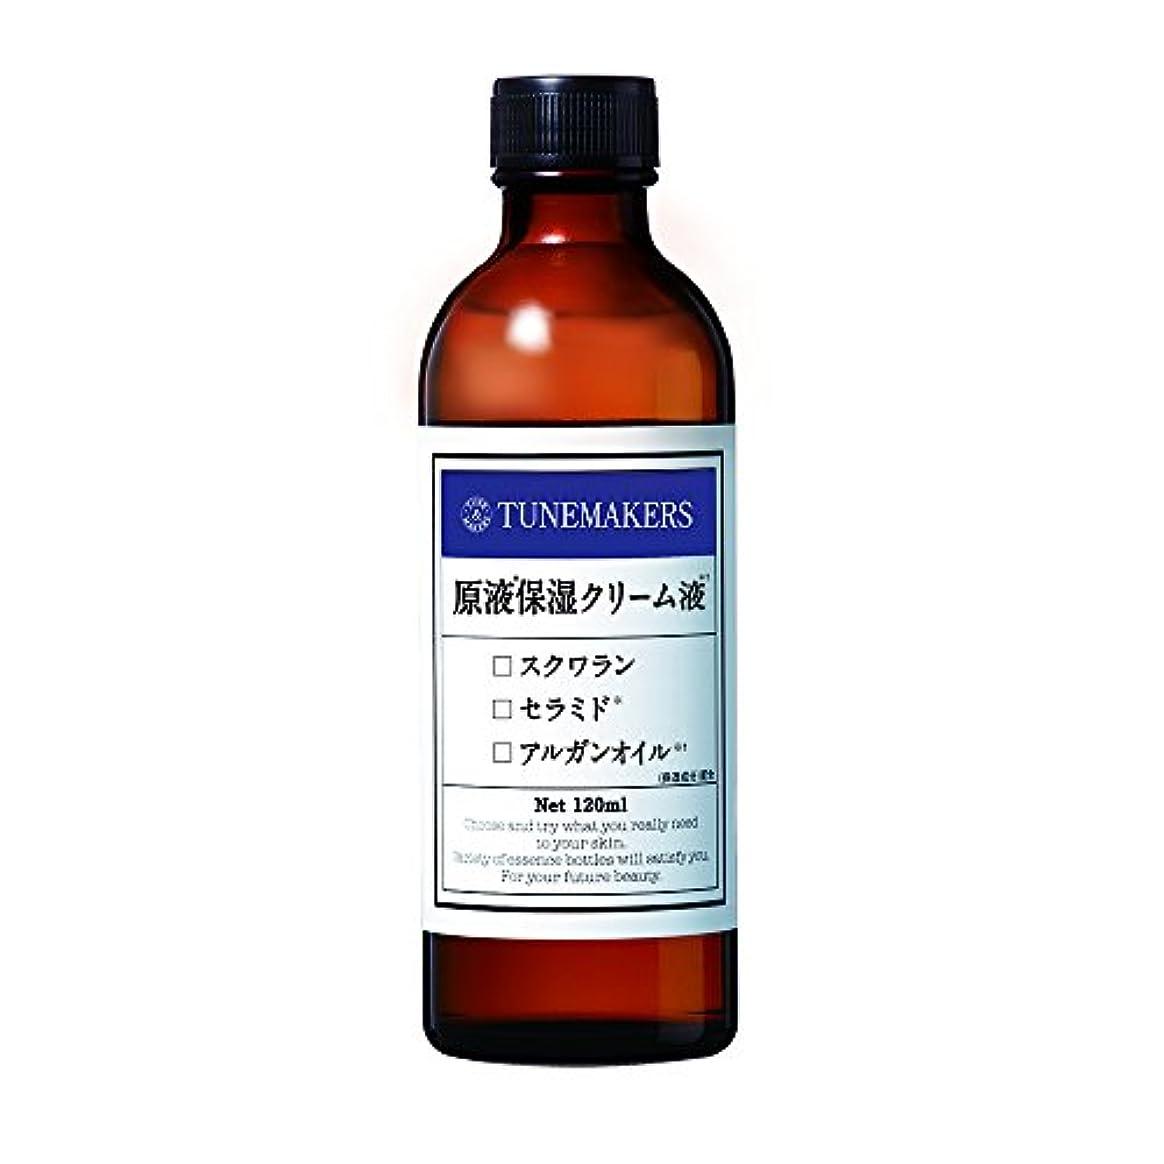 ショルダーうまくやる()メニューチューンメーカーズ 原液保湿クリーム液 とてもしっとり用 120ml 化粧水 [スクワラン?セラミド酸配合]